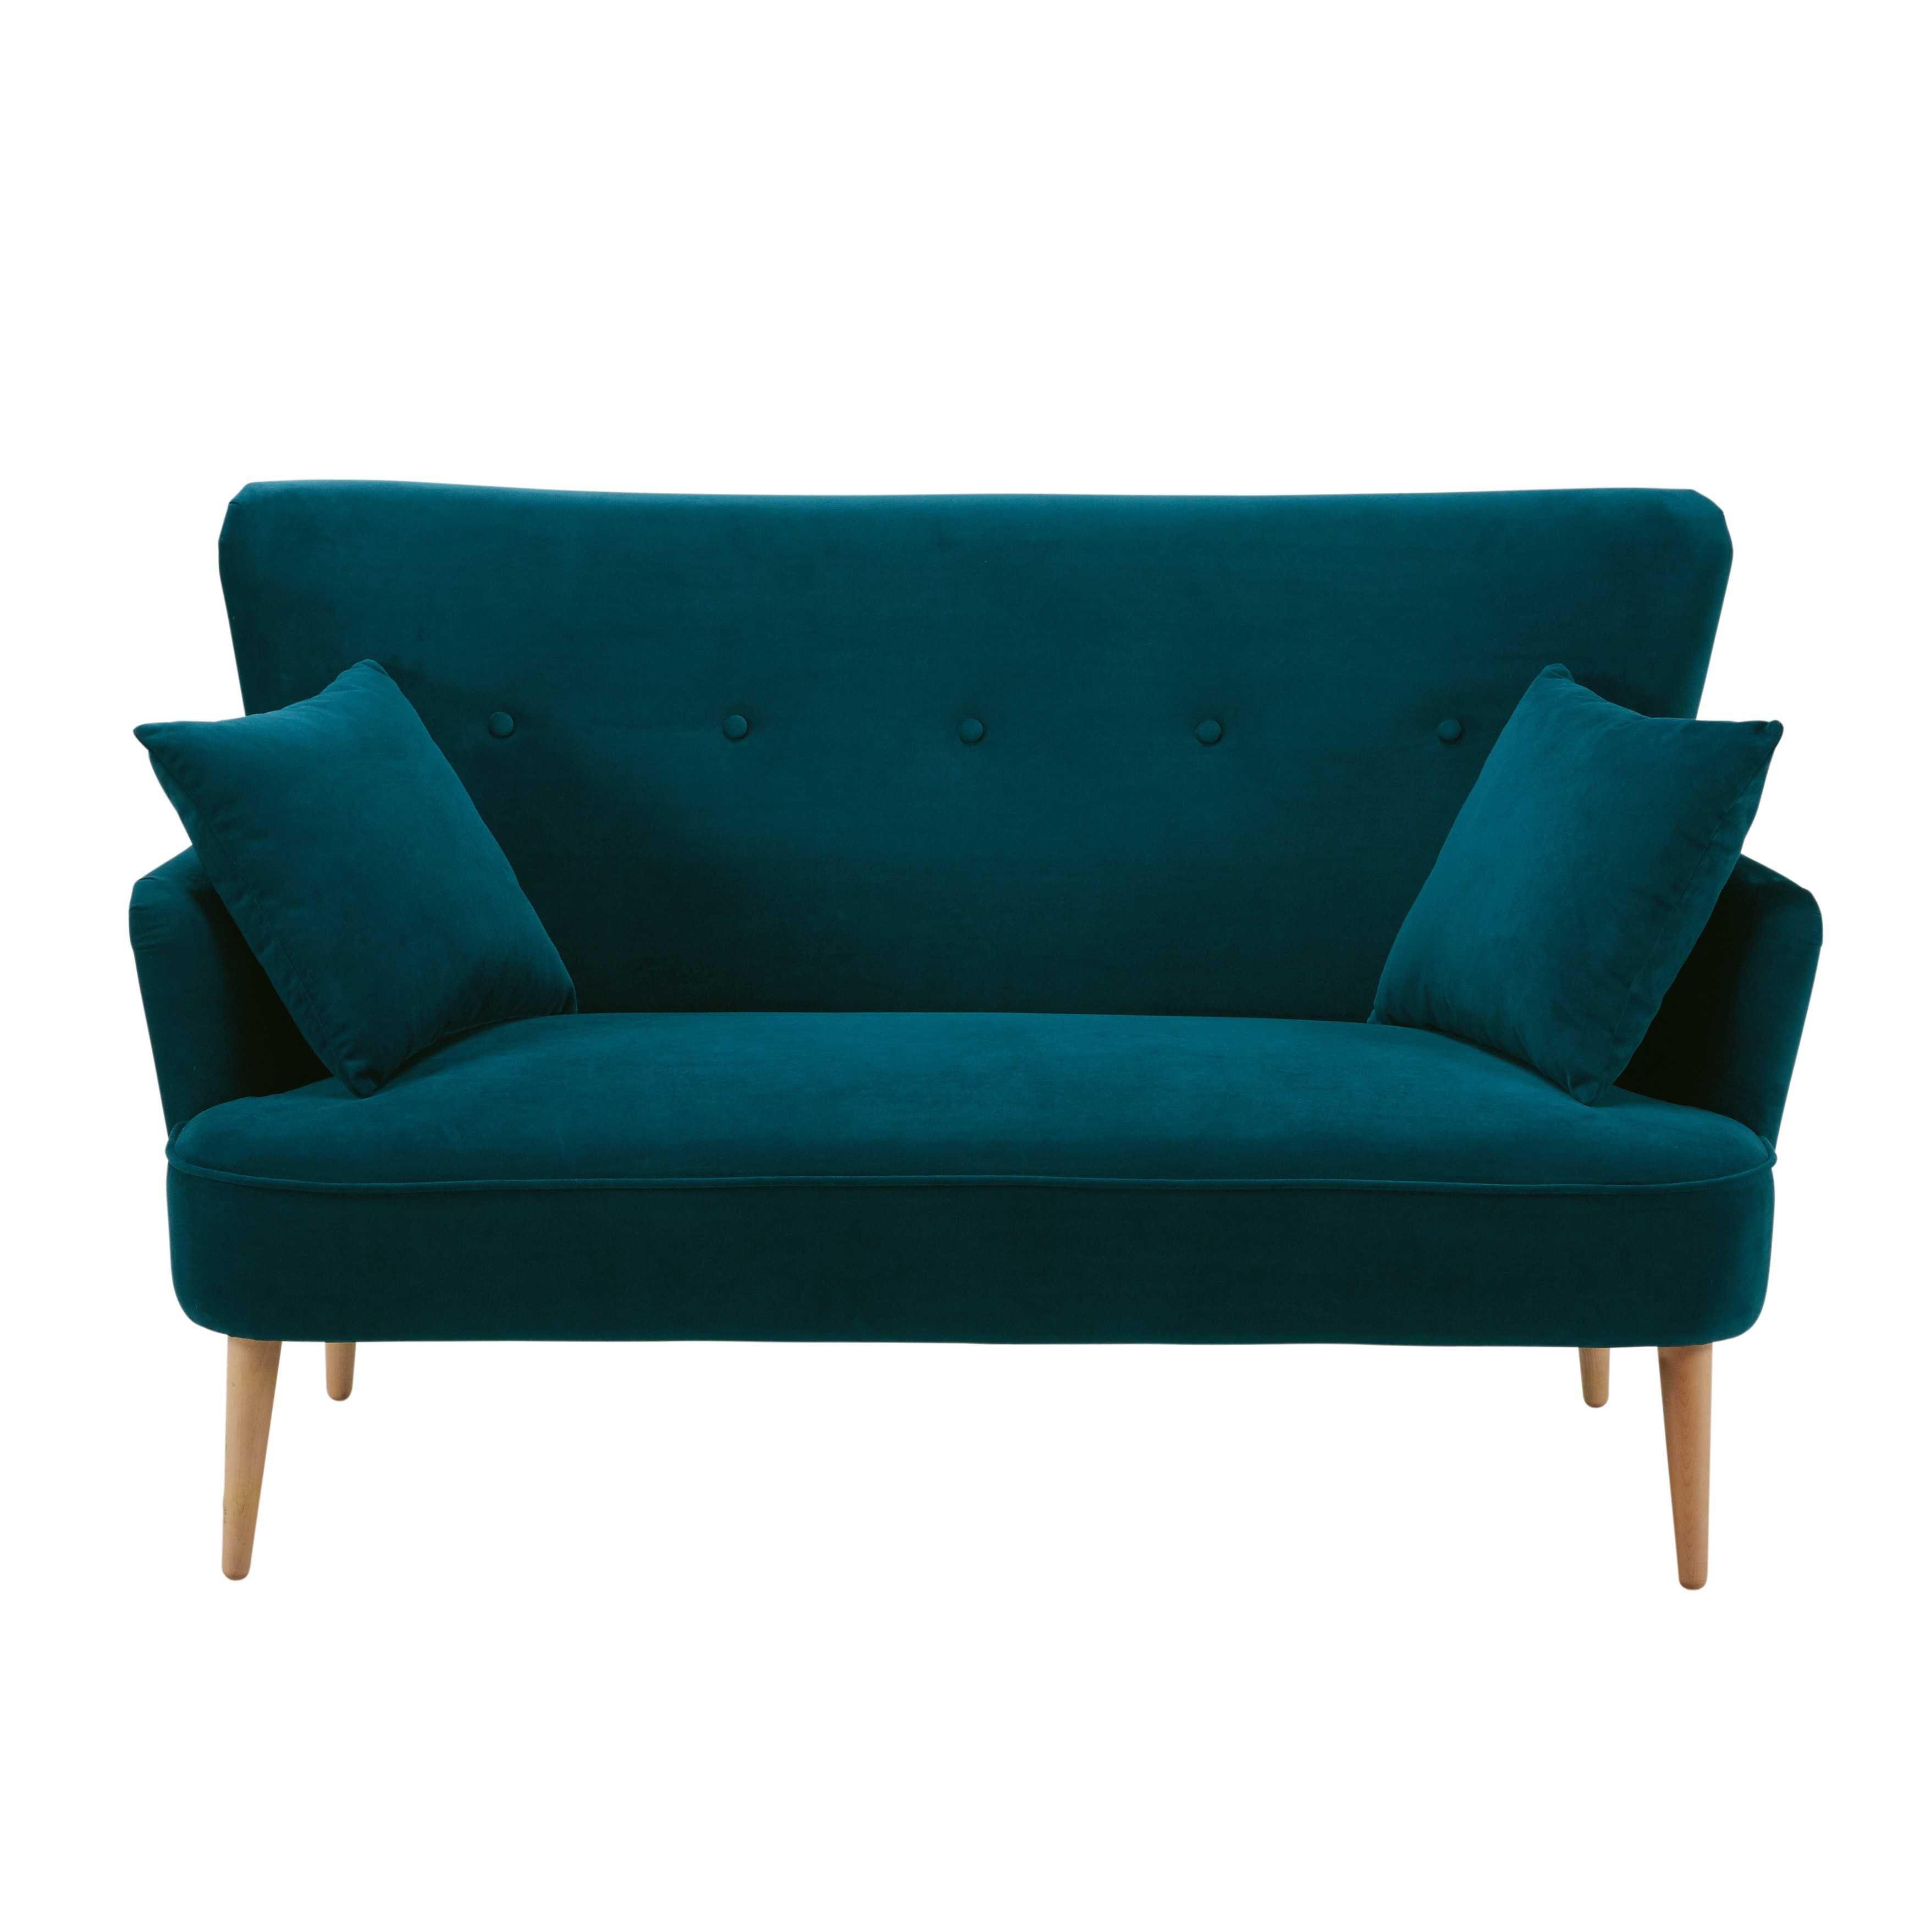 canapé 2 places en velours bleu pétrole leon | veranda | pinterest